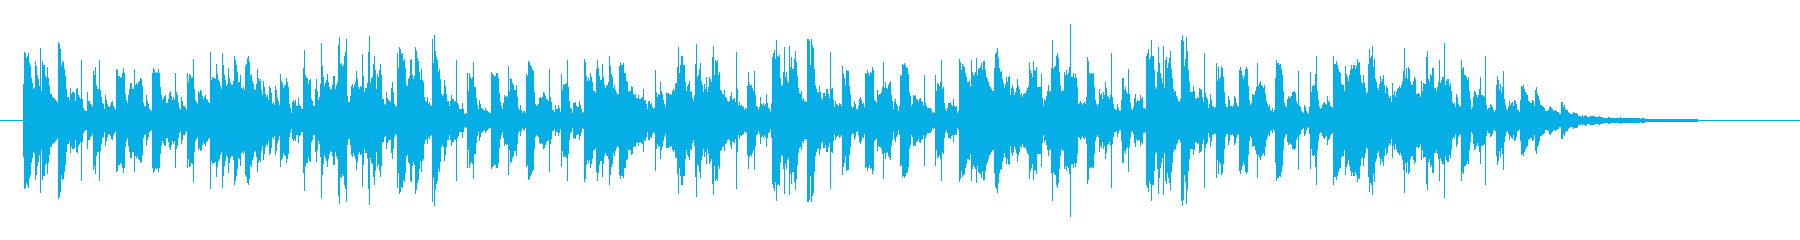 水中や北欧、サイエンスなど透明感ある曲の再生済みの波形